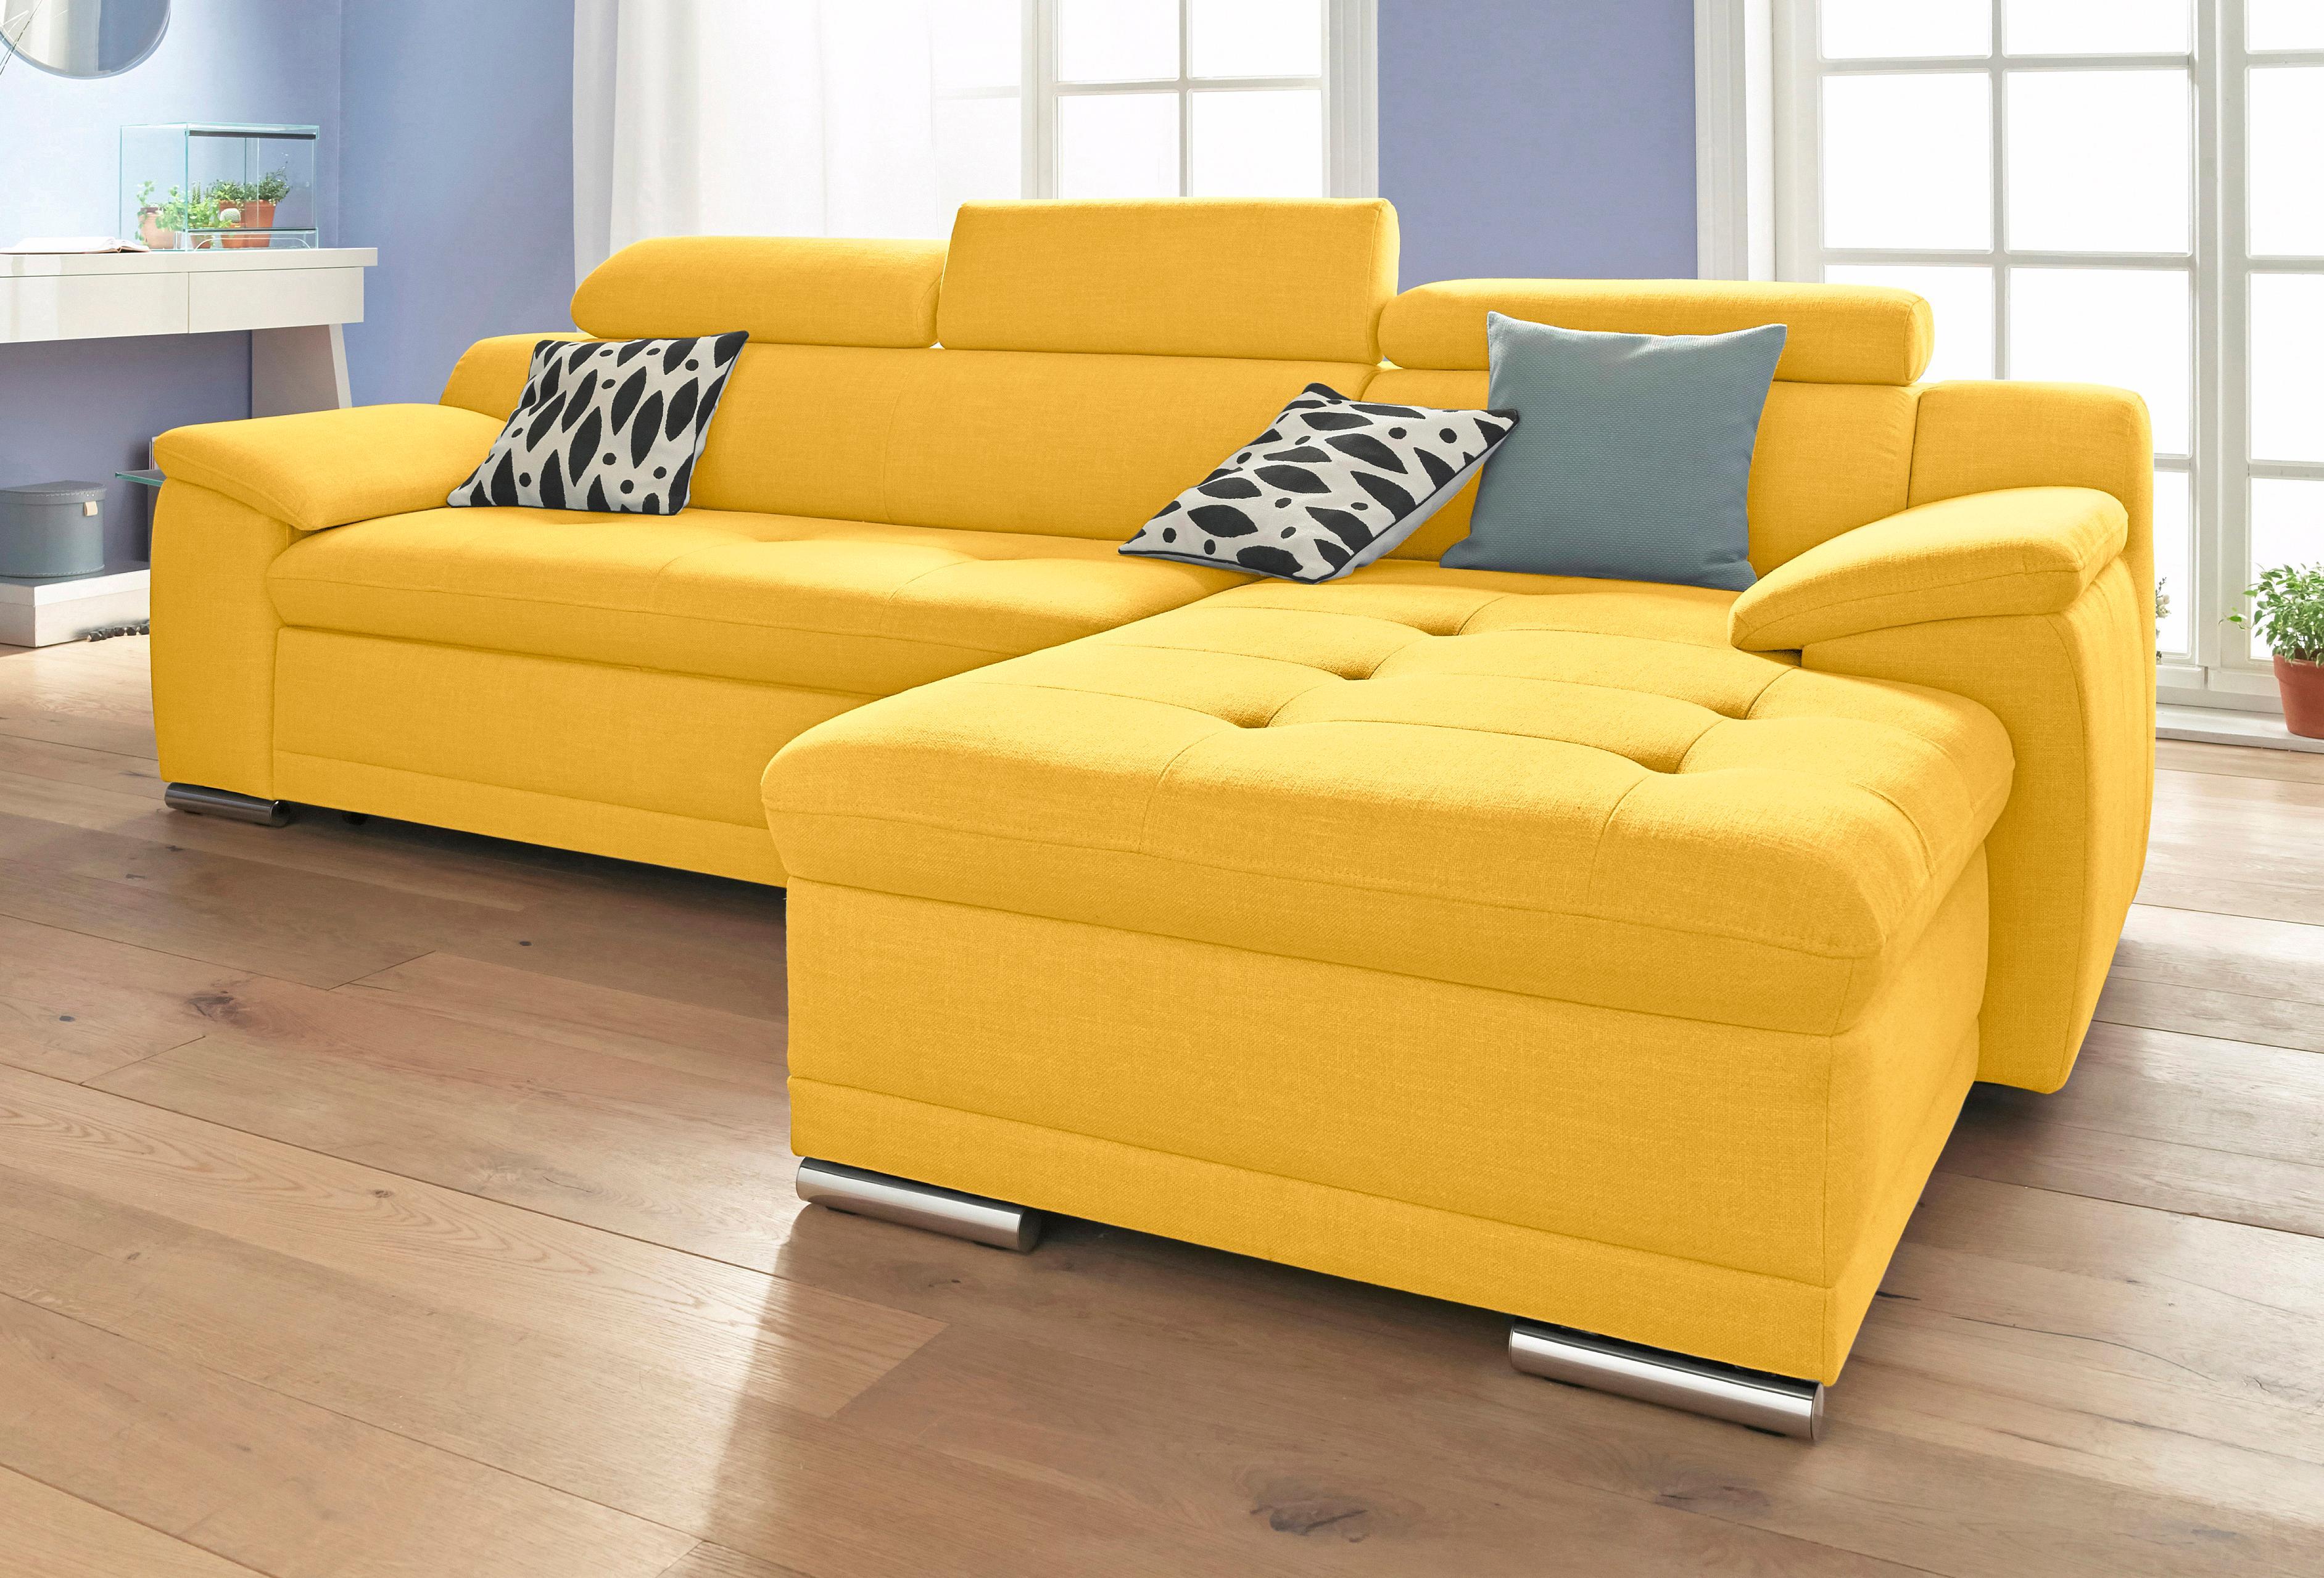 sit&more Polsterecke, wahlweise mit Bettfunktion   Wohnzimmer > Sofas & Couches > Ecksofas & Eckcouches   Kunstleder